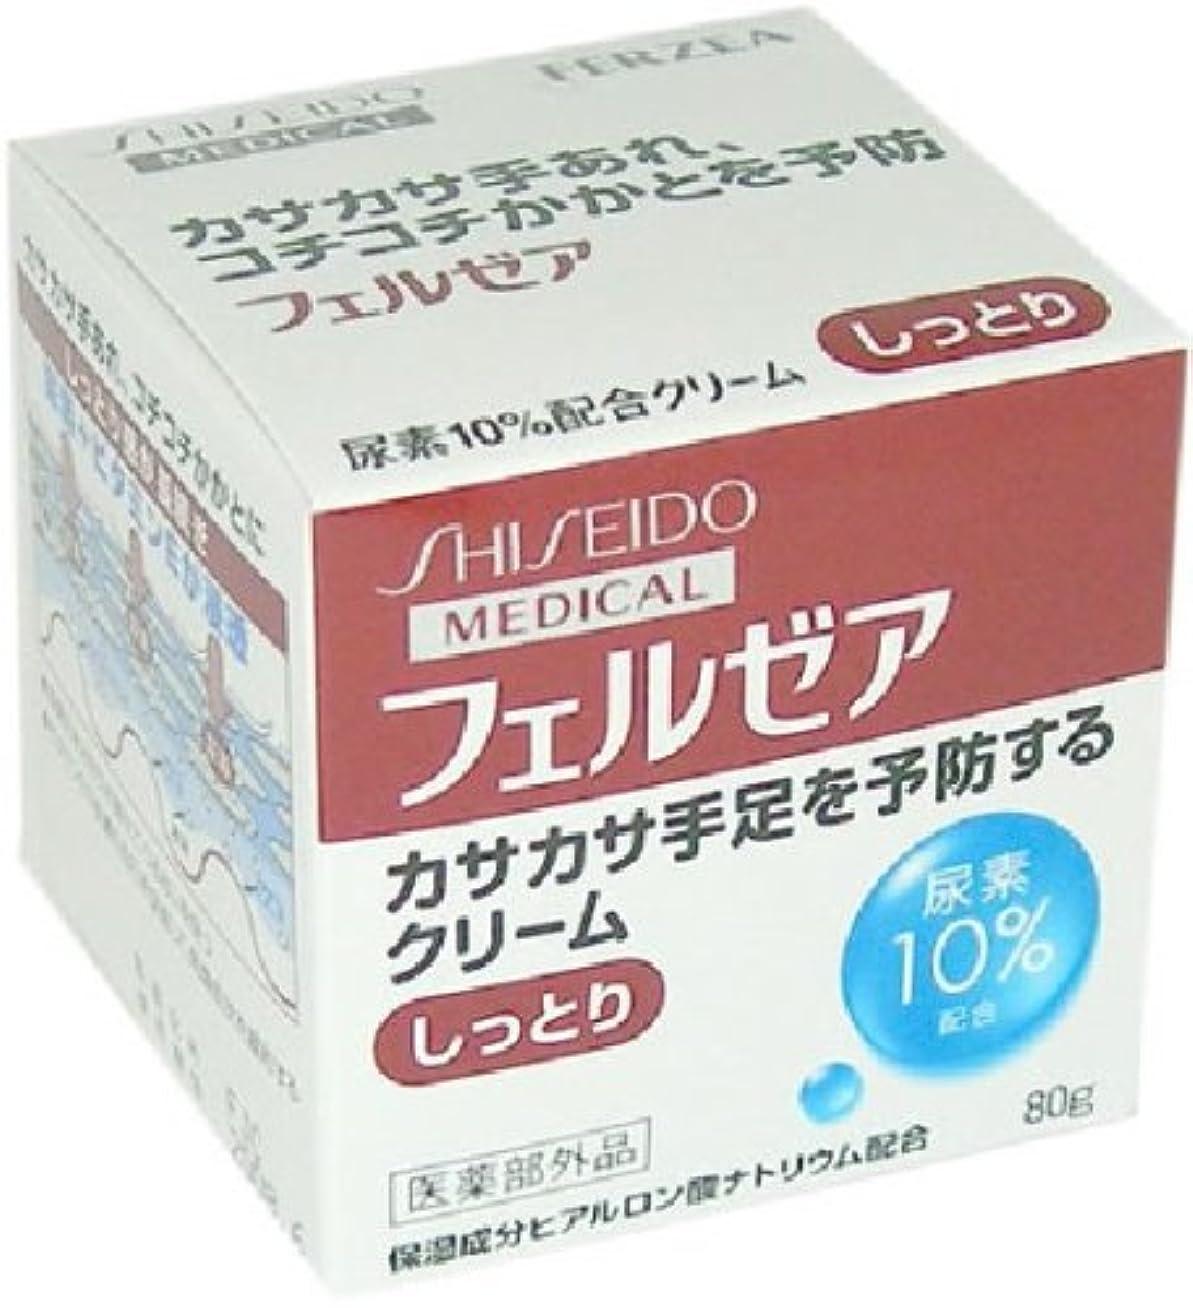 運営メタルラインフェルゼア クリームM しっとりジャータイプ 尿素10%配合 80g [指定医薬部外品]